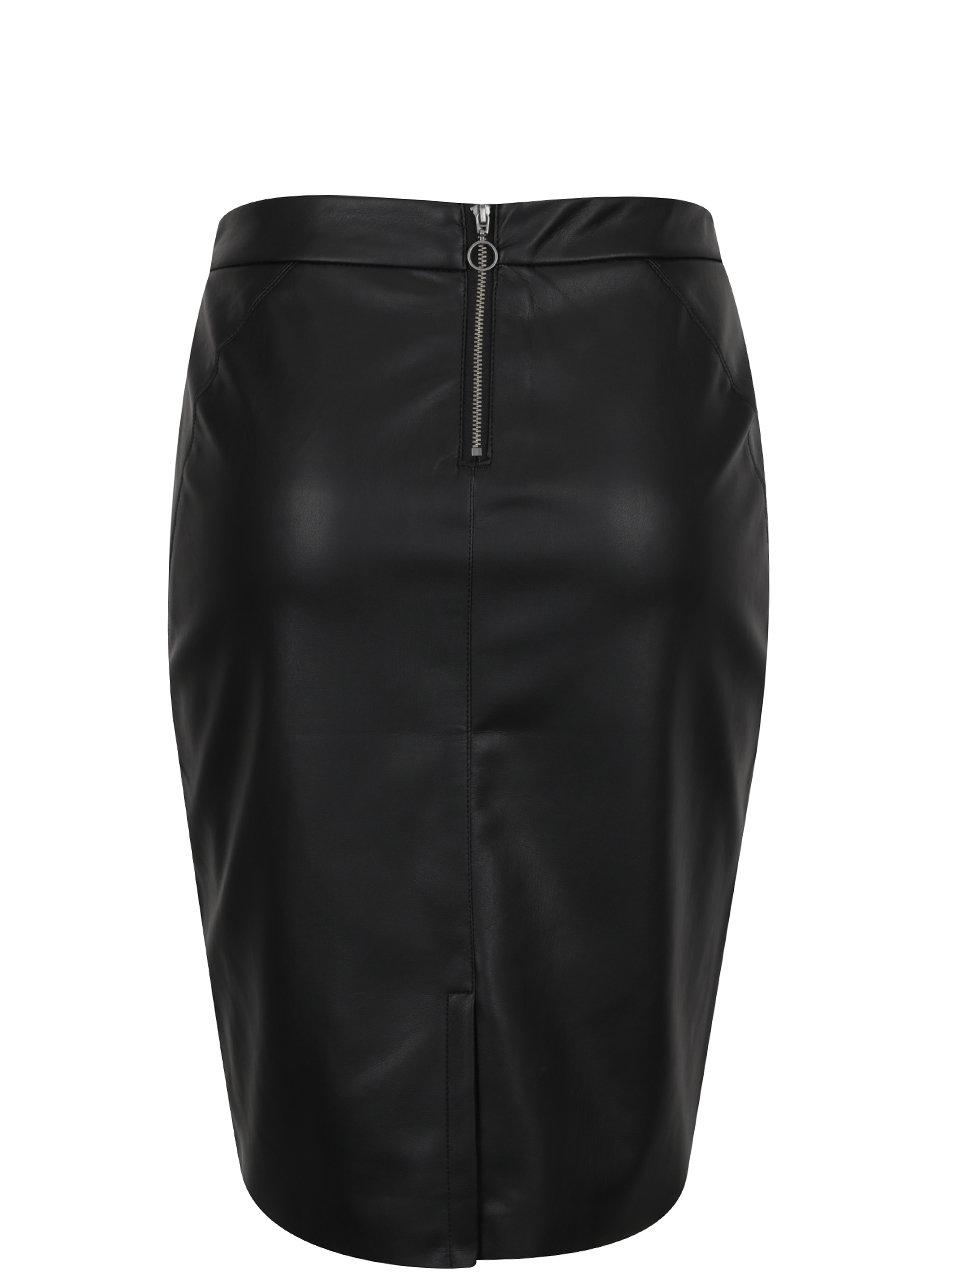 a0446752cee0 Černá koženková sukně VERO MODA Ninea Černá koženková sukně VERO MODA Ninea  ...